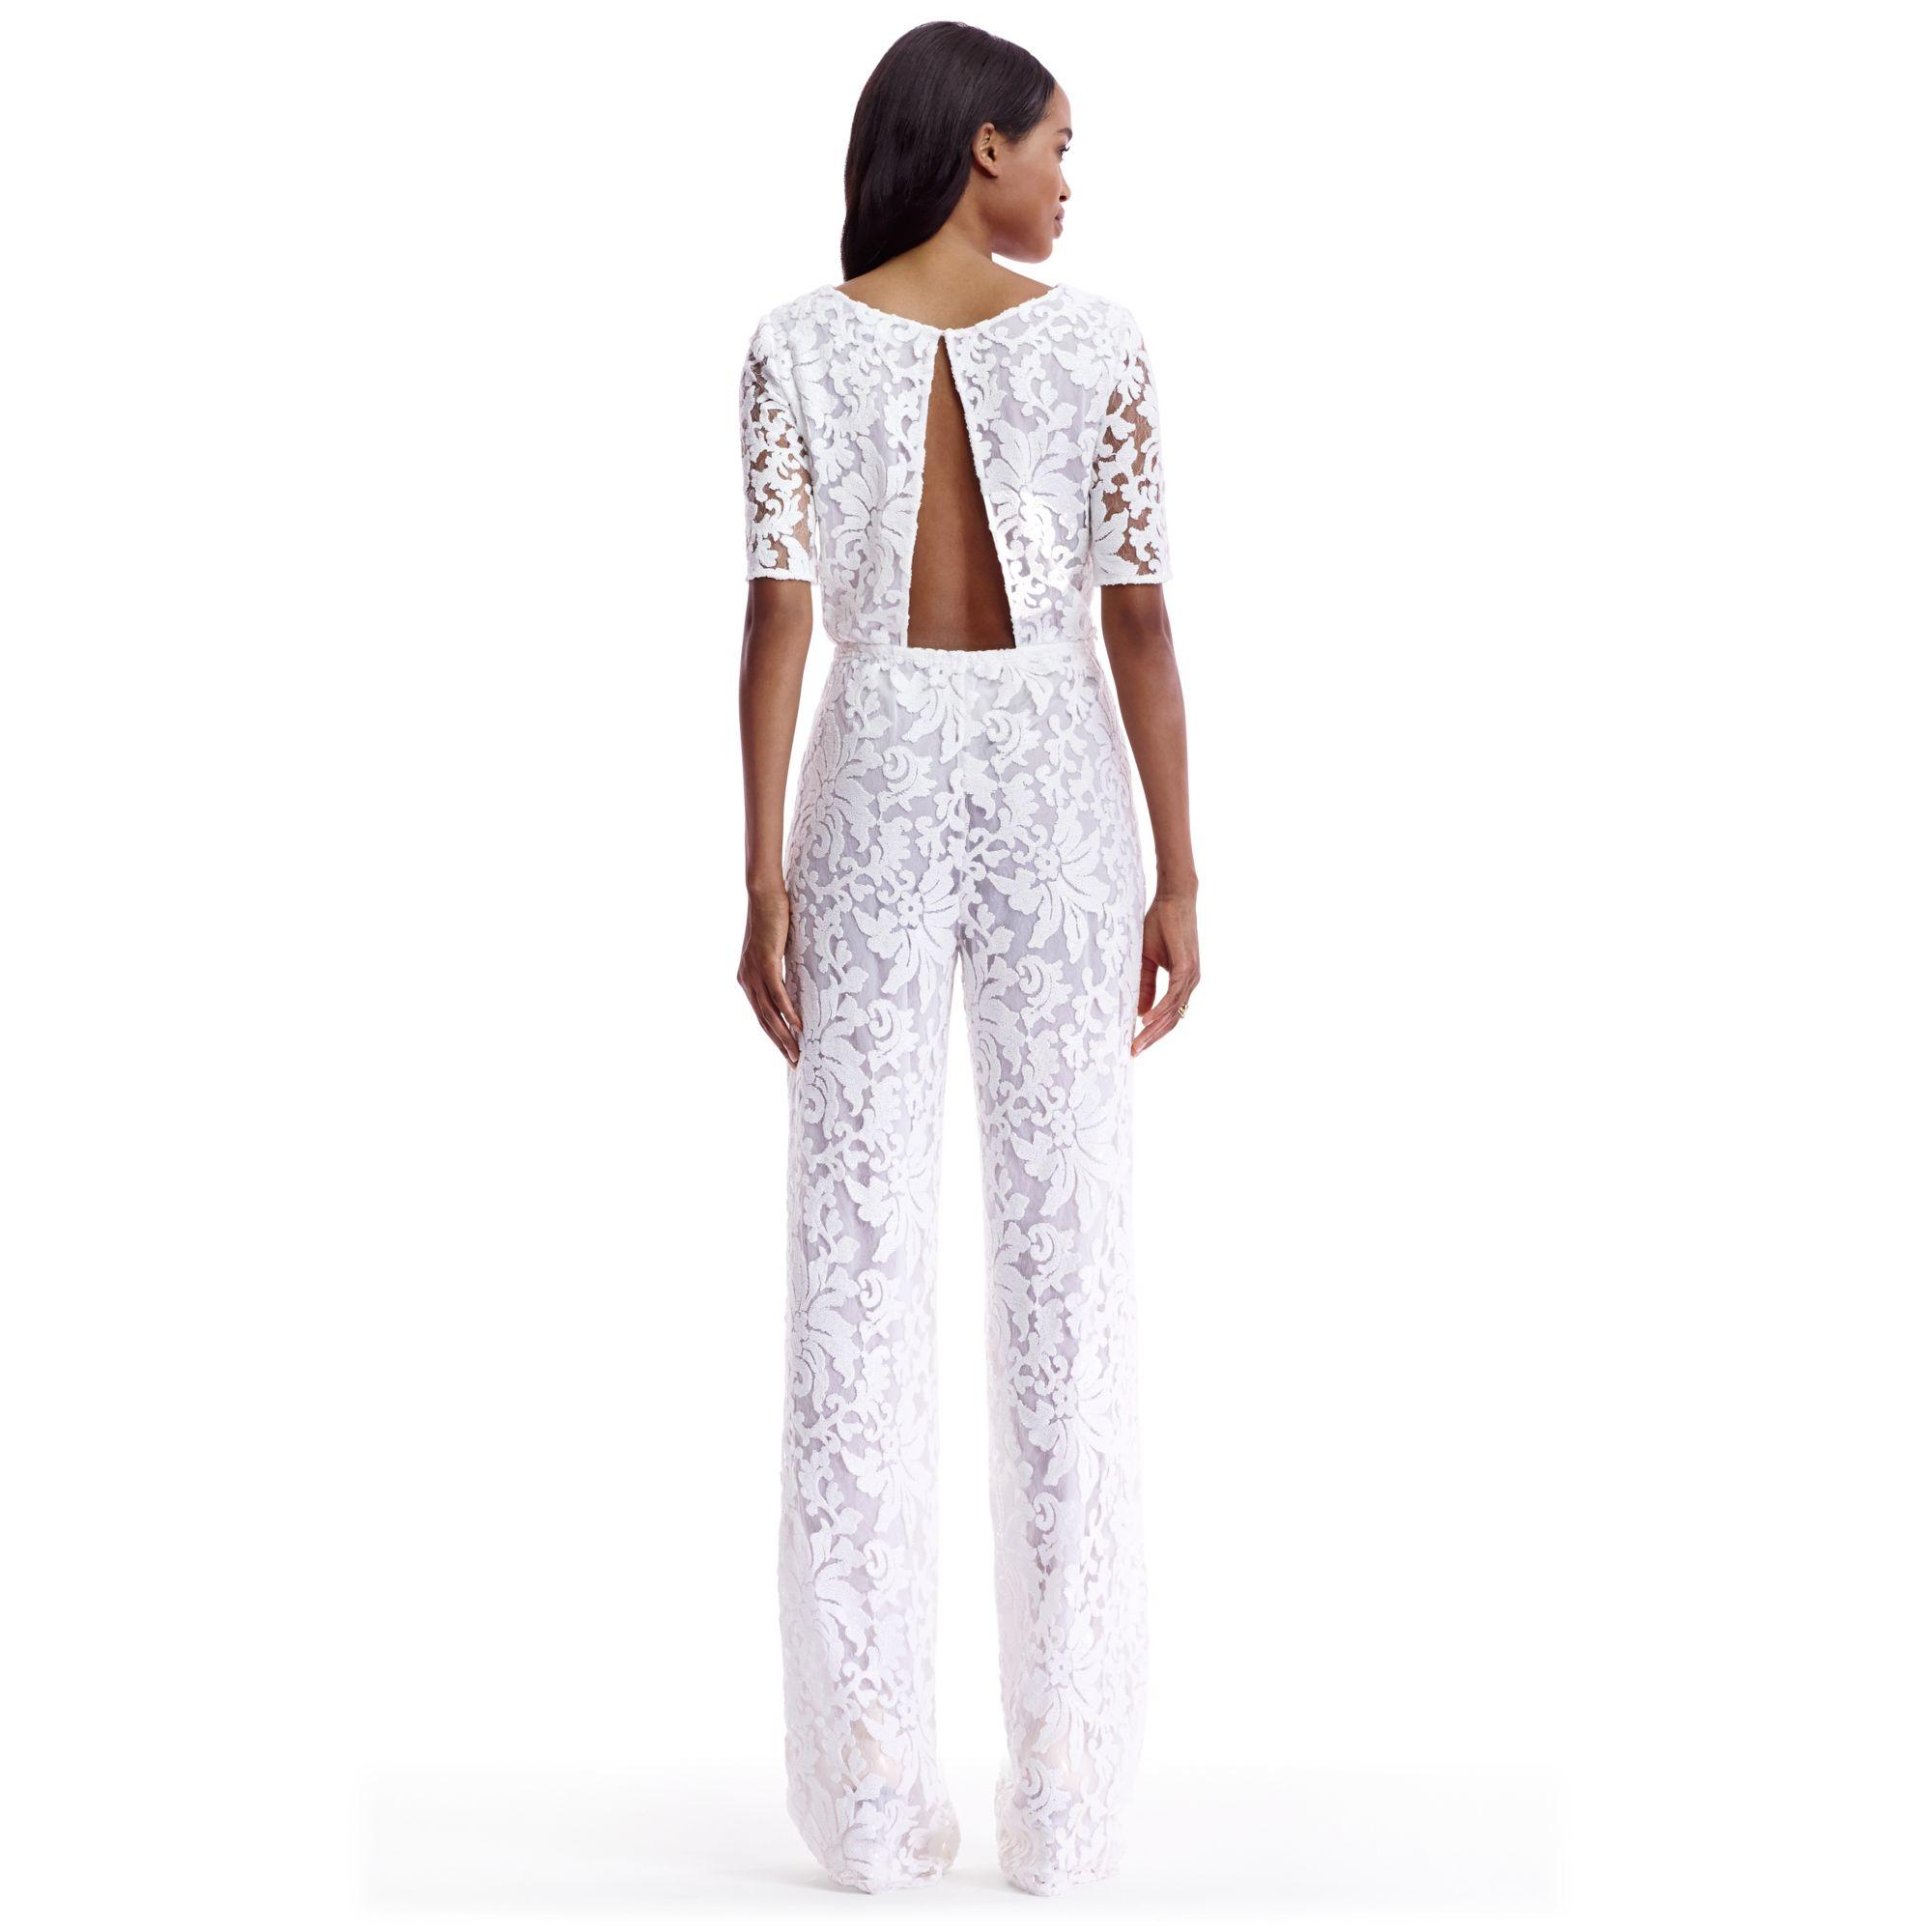 485c275f7ef5 Diane von Furstenberg Dvf Kendra Embellished Open Back Jumpsuit in White -  Lyst